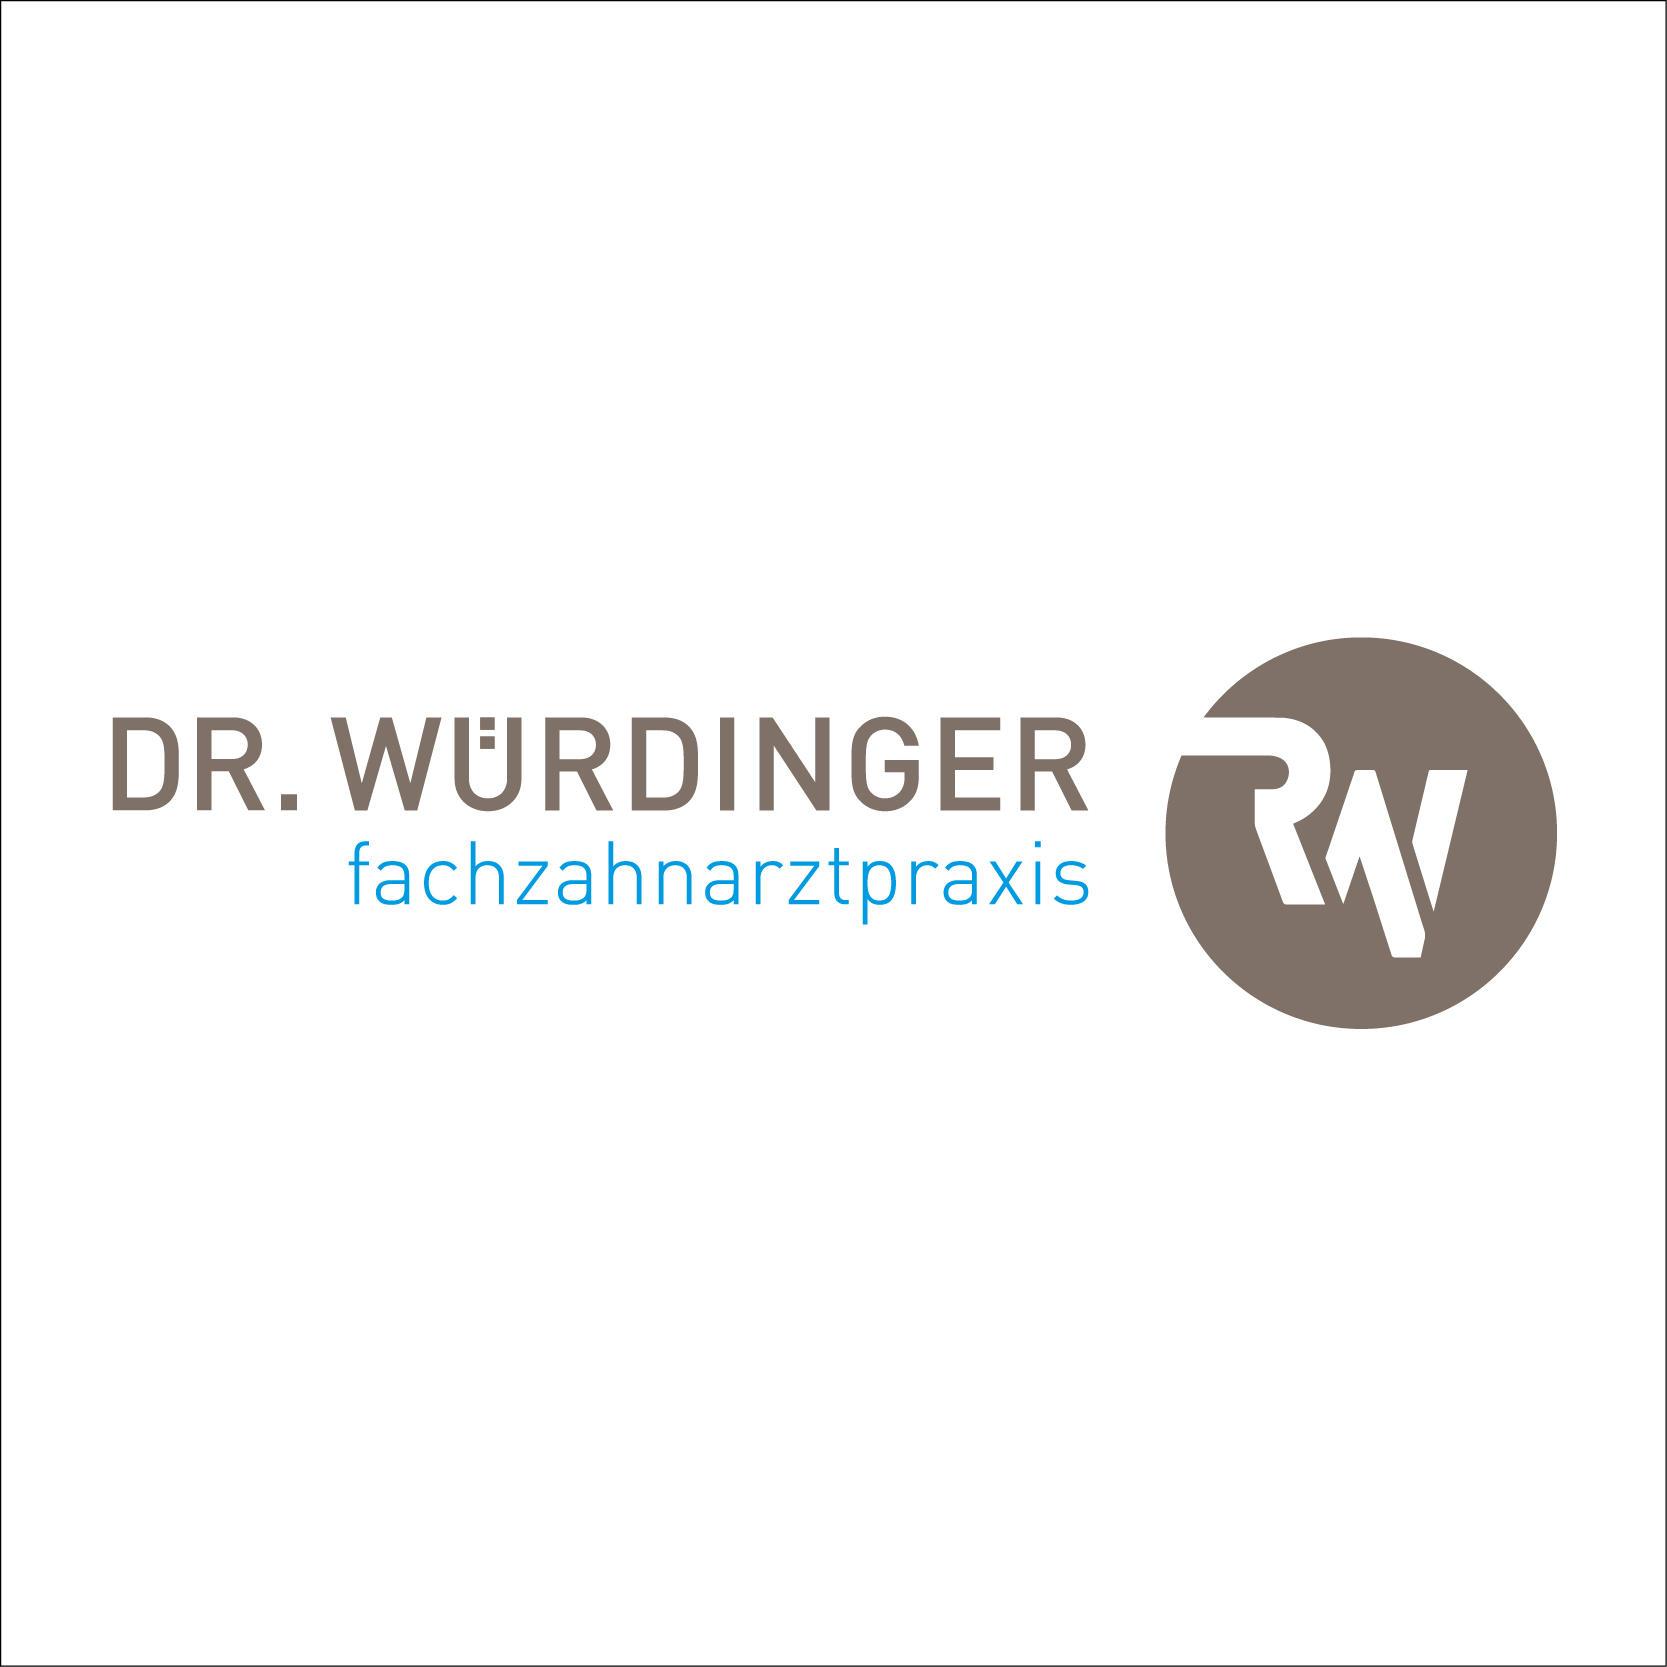 Bild zu Fachzahnarztpraxis Dr. Würdinger in Marburg